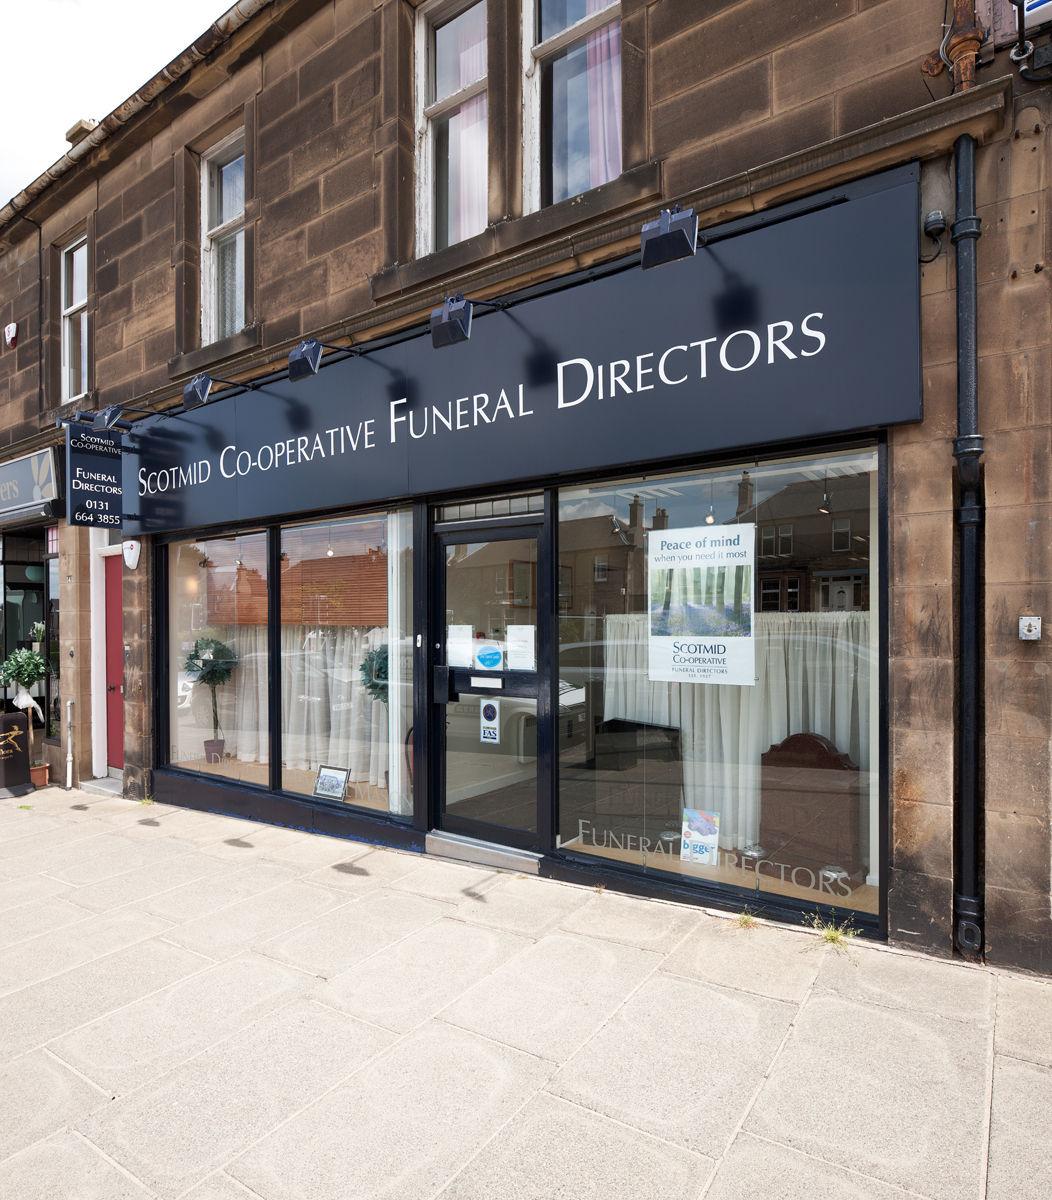 Scotmid Funeral Directors Liberton